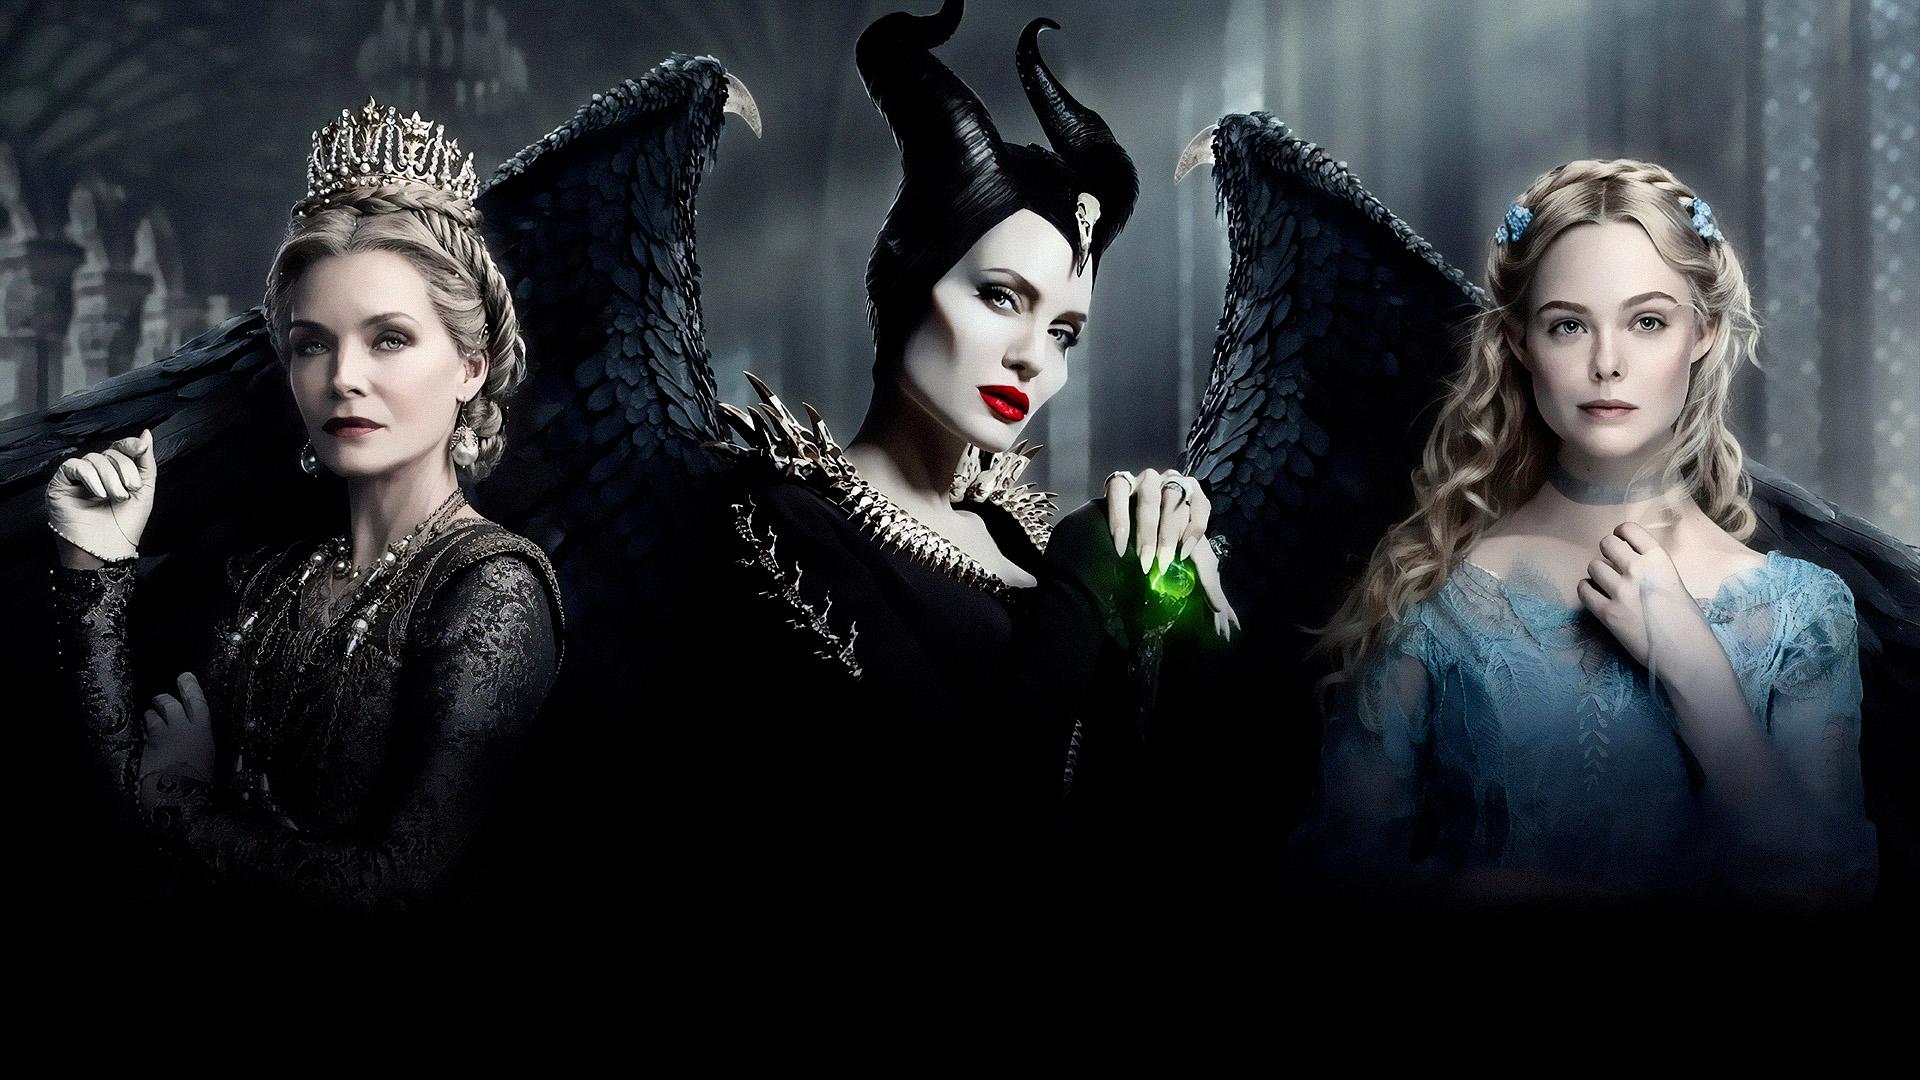 Malévola: curiosidades sobre o novo filme da franquia